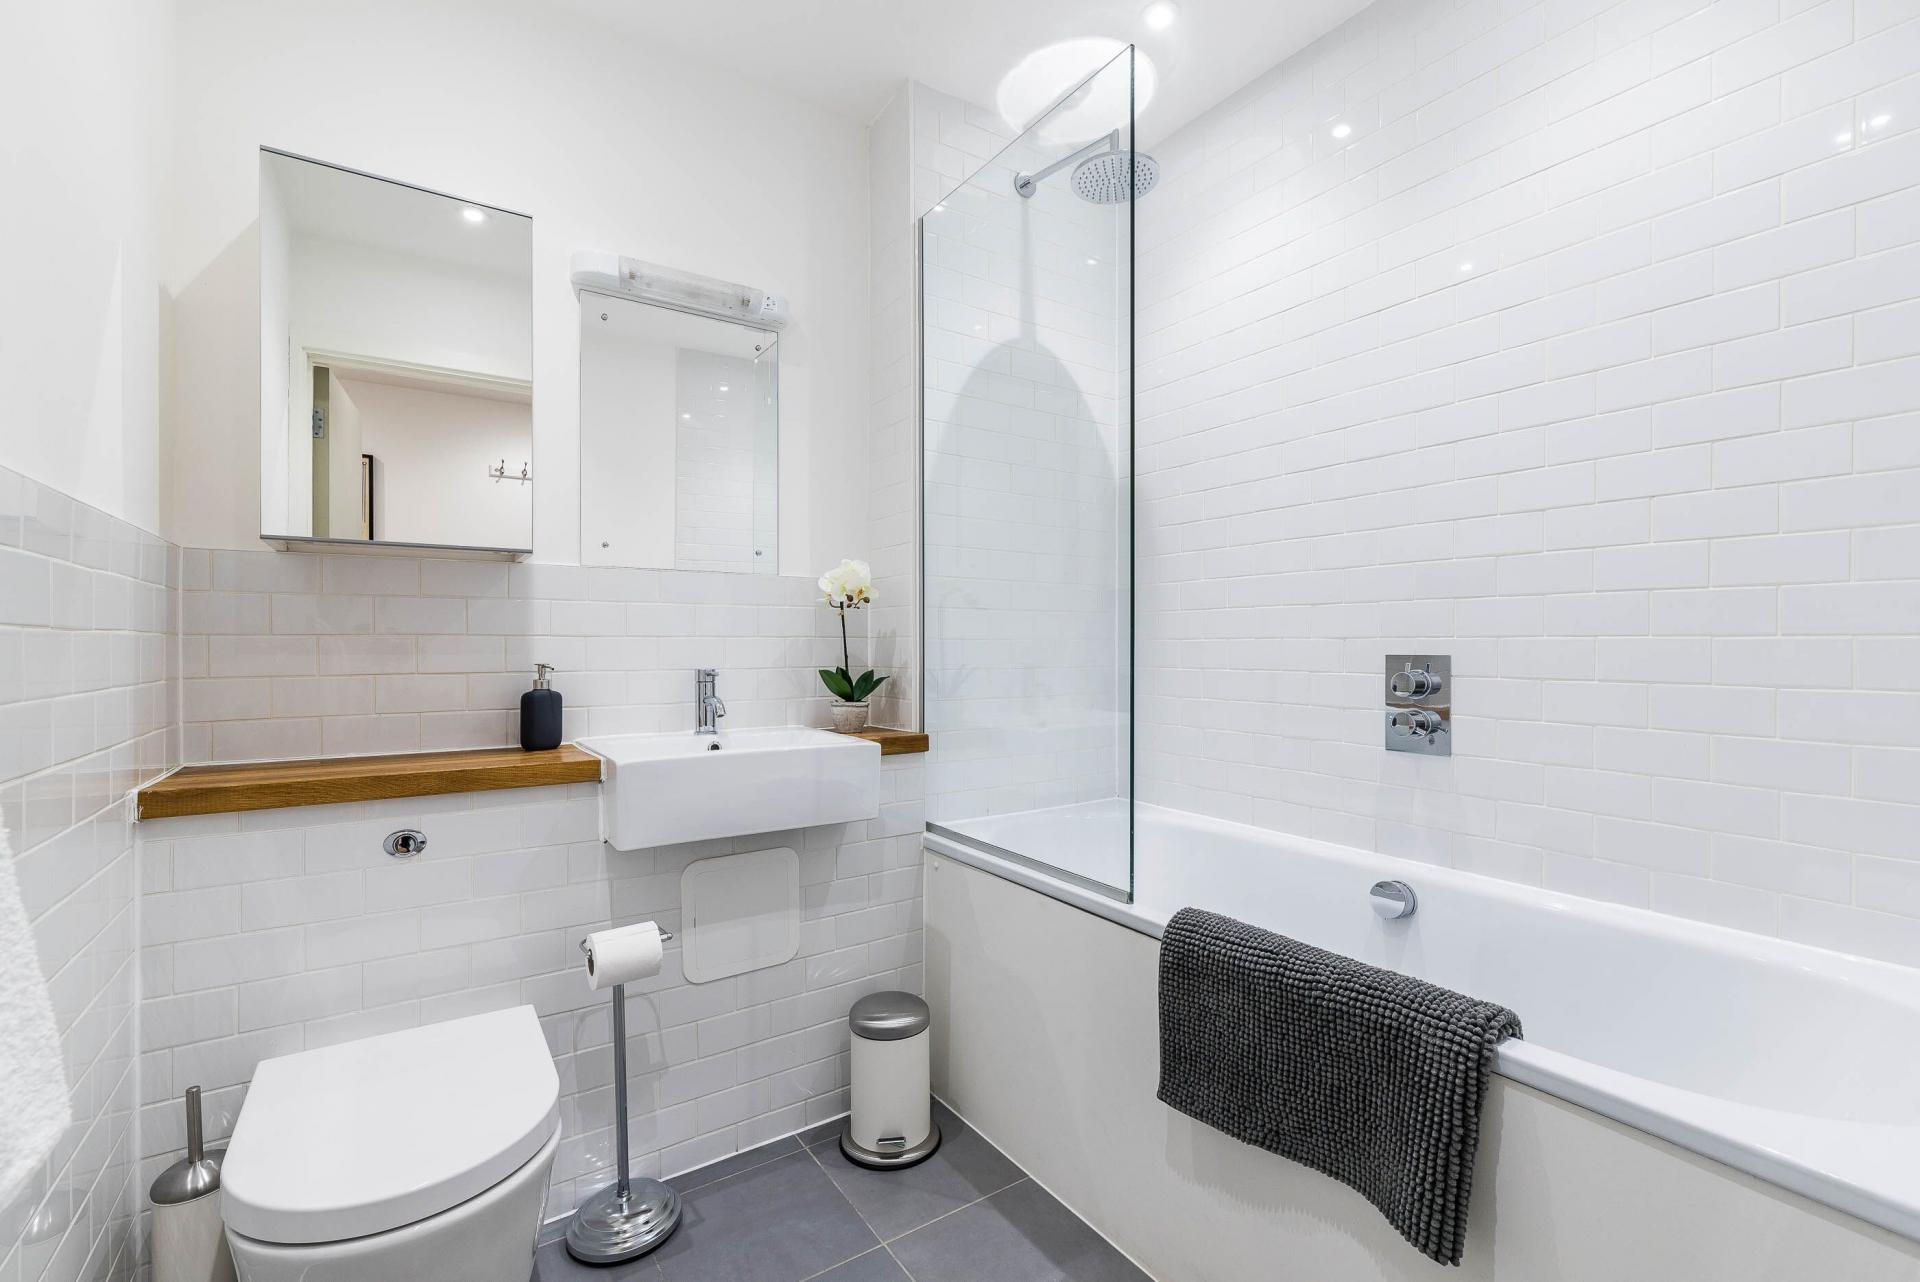 Bathroom at Vibrant Vauxhall Apartments - Citybase Apartments